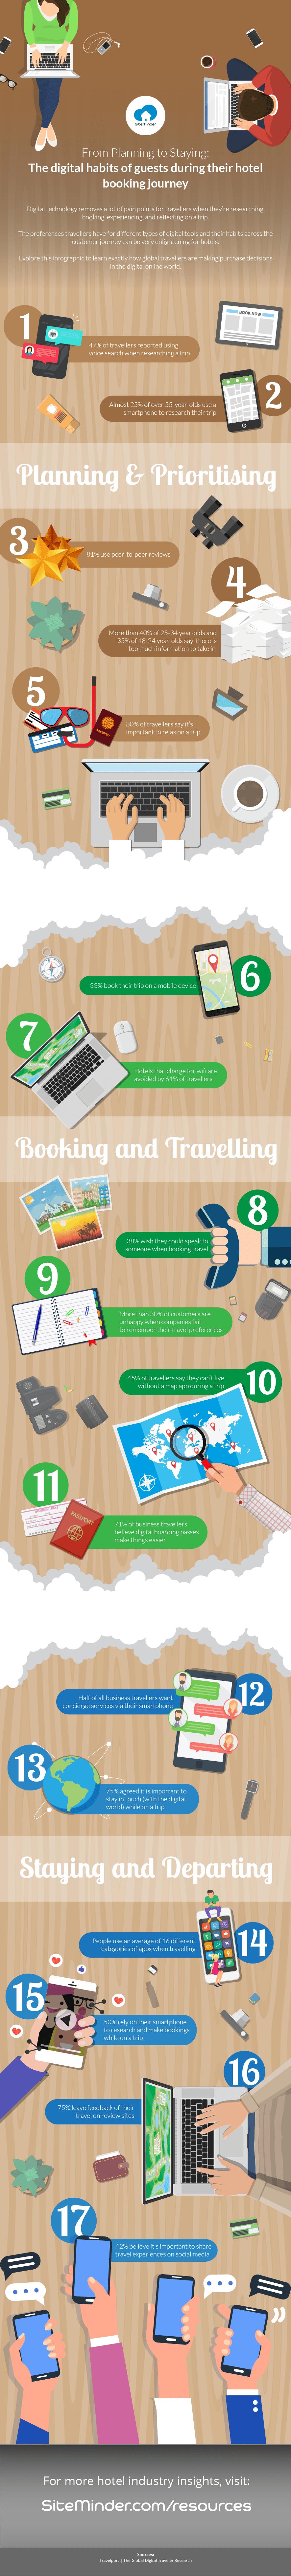 digital traveller habits - SiteMinder